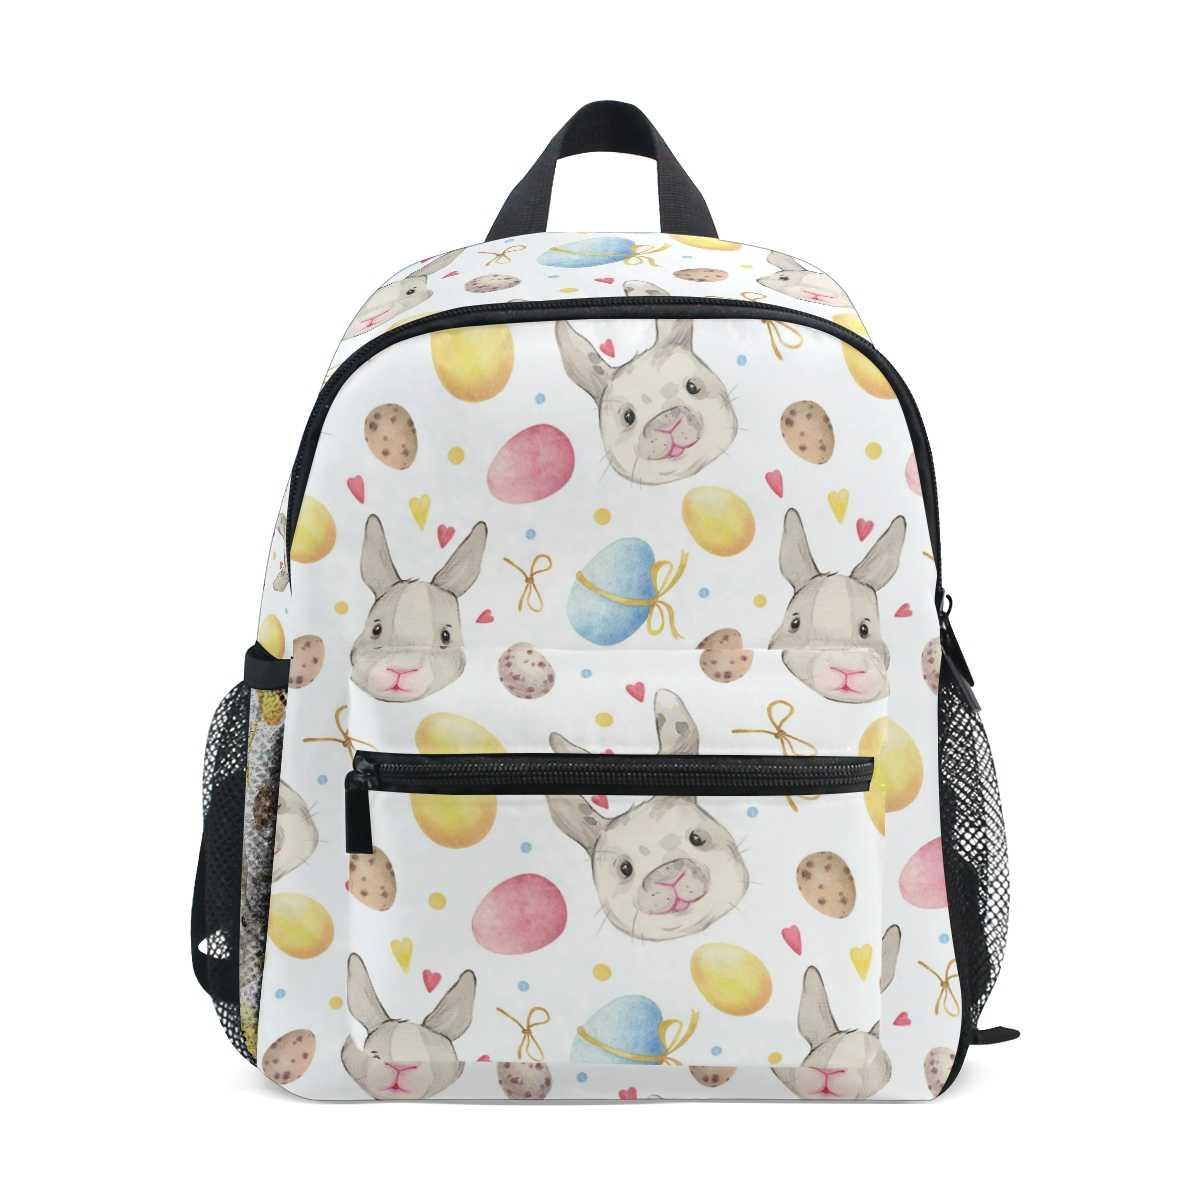 ALAZA mały plecak biały tornister dzieci bez szwu przedszkole przedszkole torba dzieci dla malucha nadaje się for3-8years starych toreb